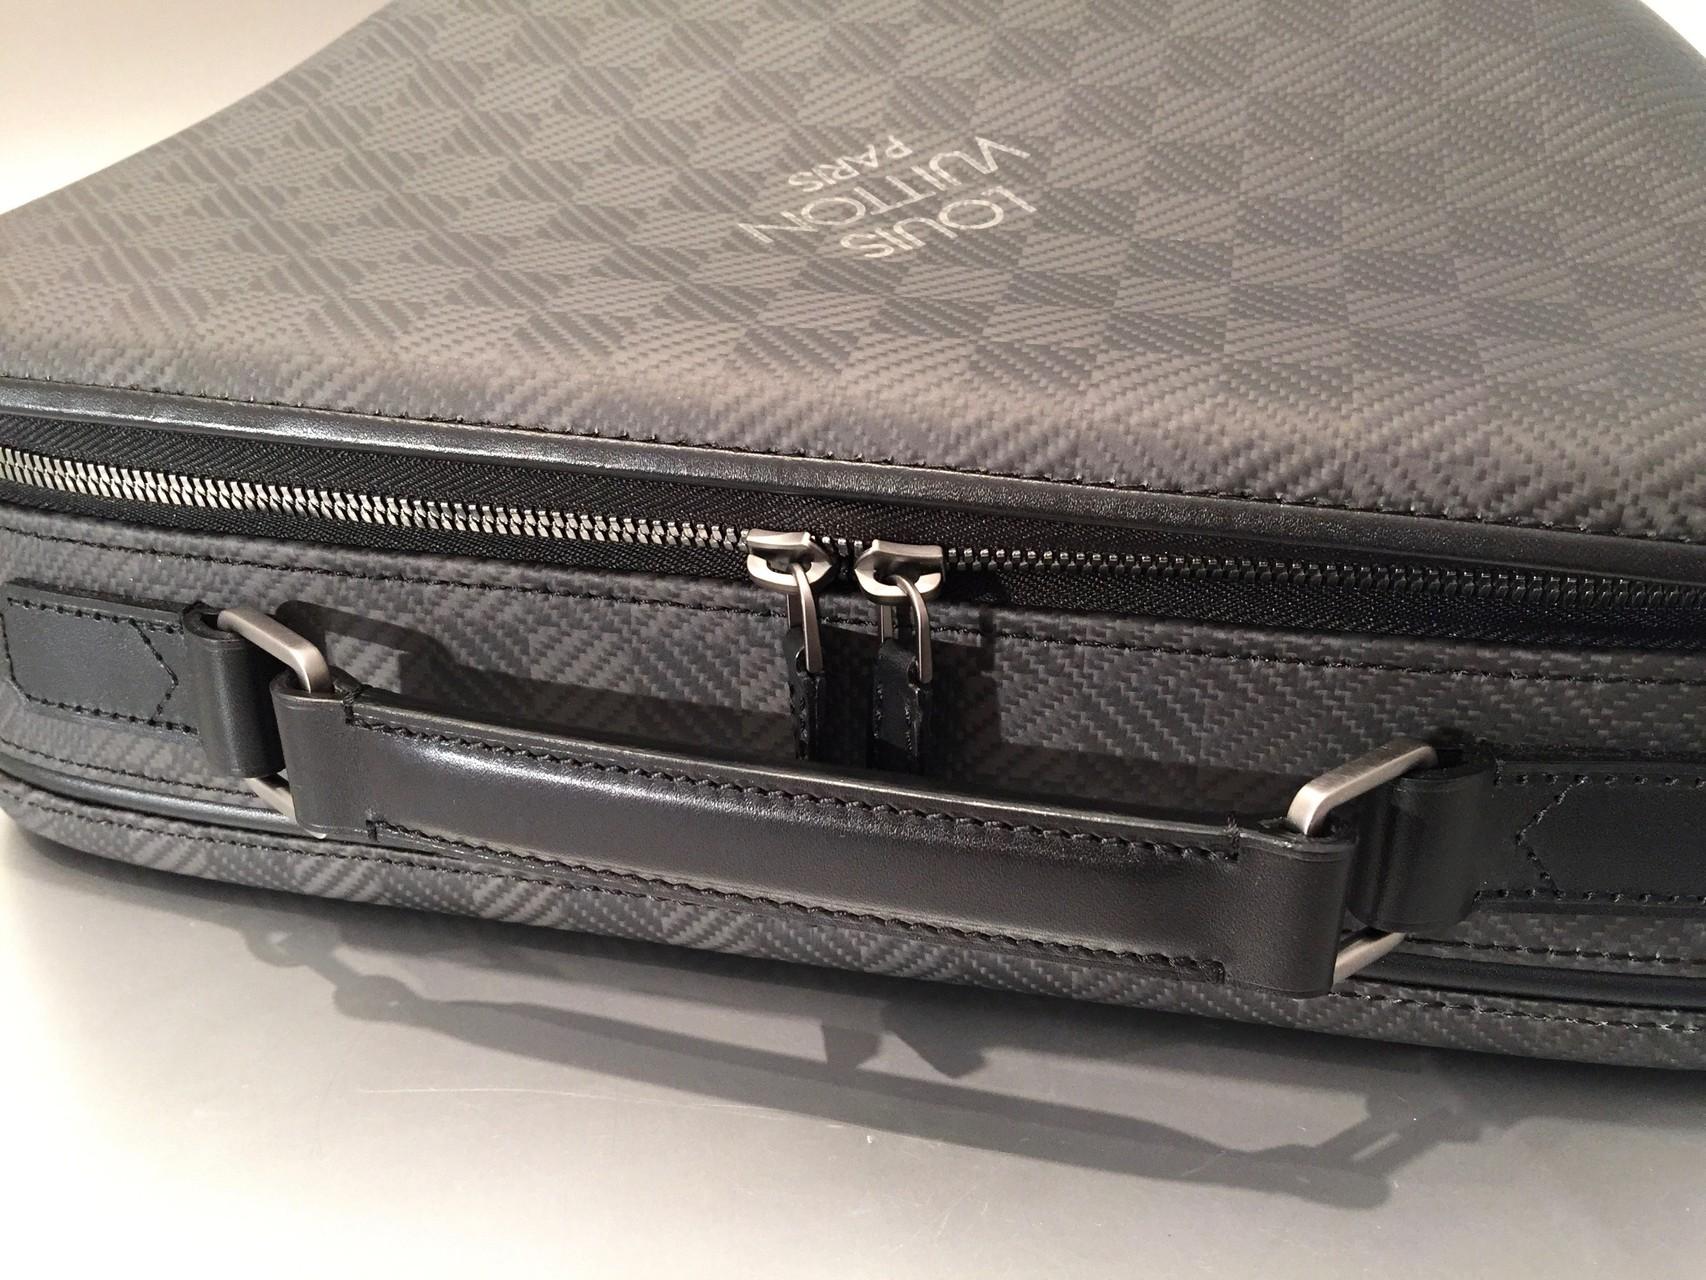 louis vuitton damier carbone aktentasche bmw i8 ankauf verkauf second hand designertaschen. Black Bedroom Furniture Sets. Home Design Ideas